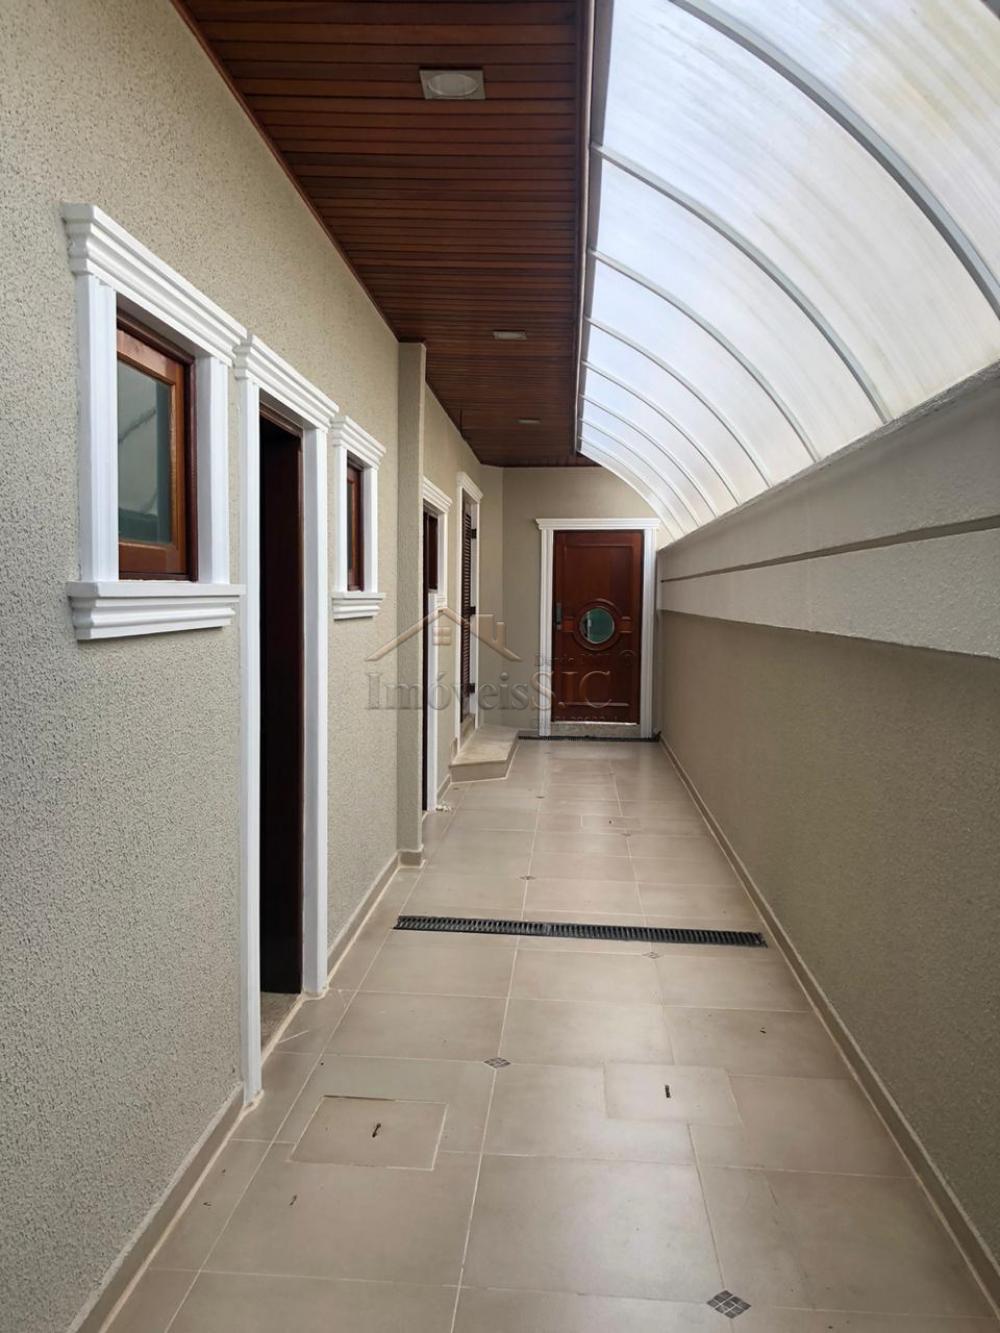 Comprar Casas / Condomínio em São José dos Campos apenas R$ 1.600.000,00 - Foto 10